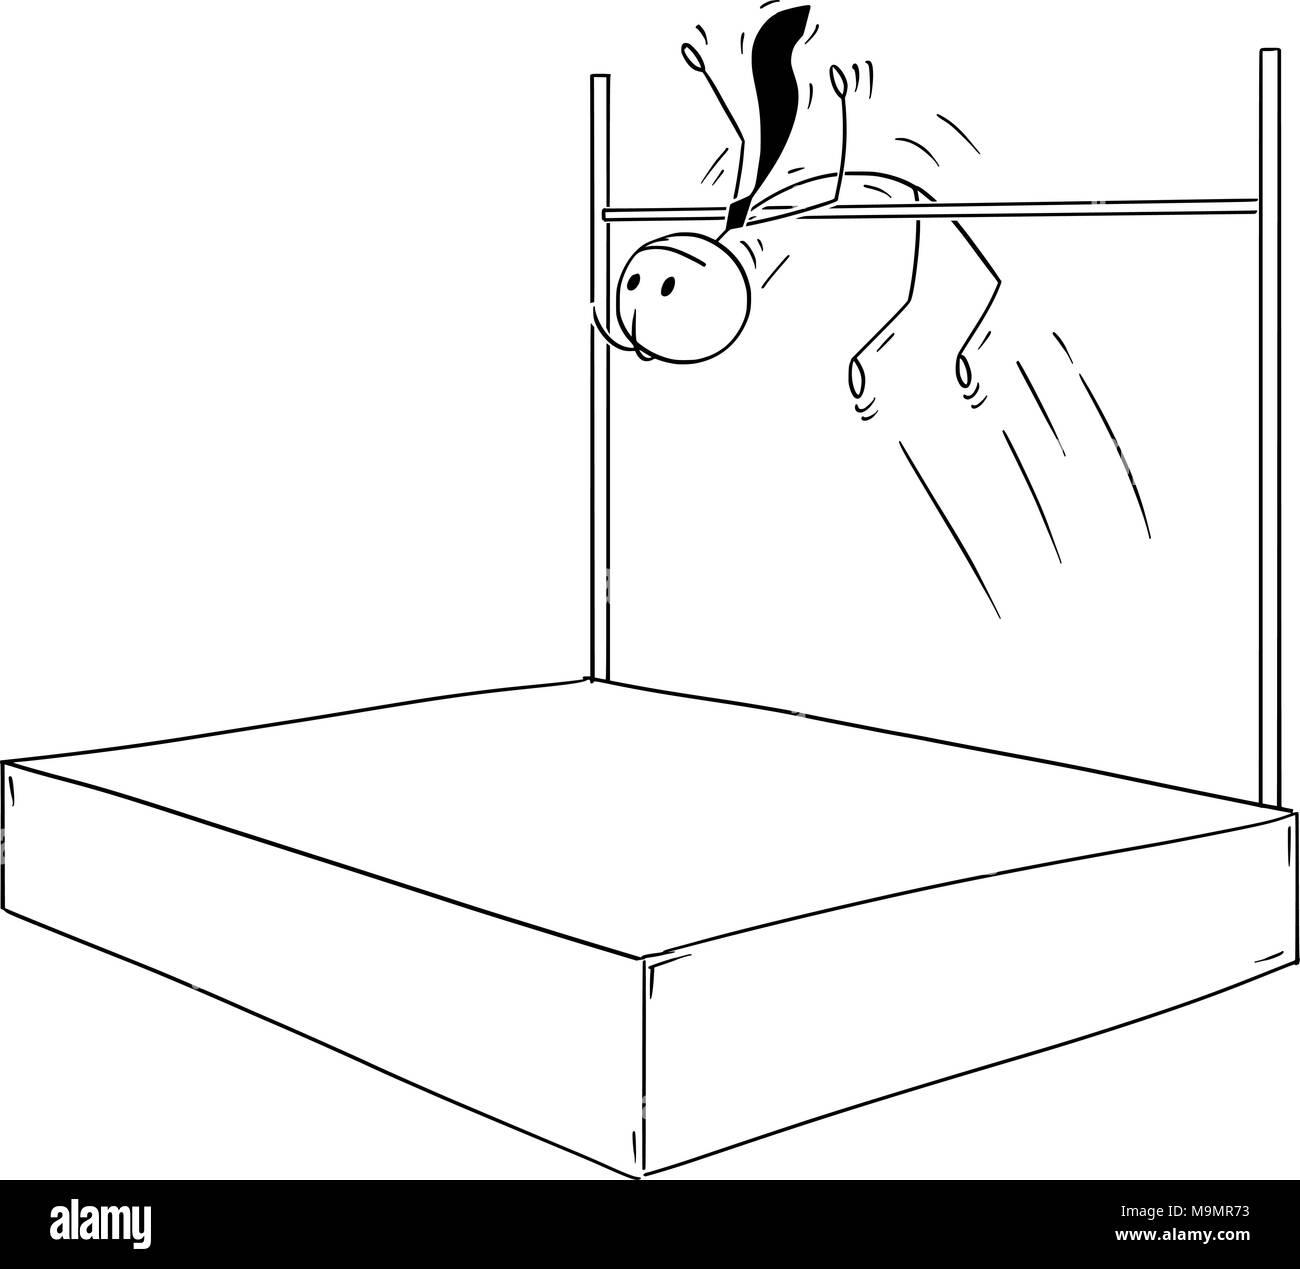 Cartoon of Businessman Doing High Jump - Stock Image